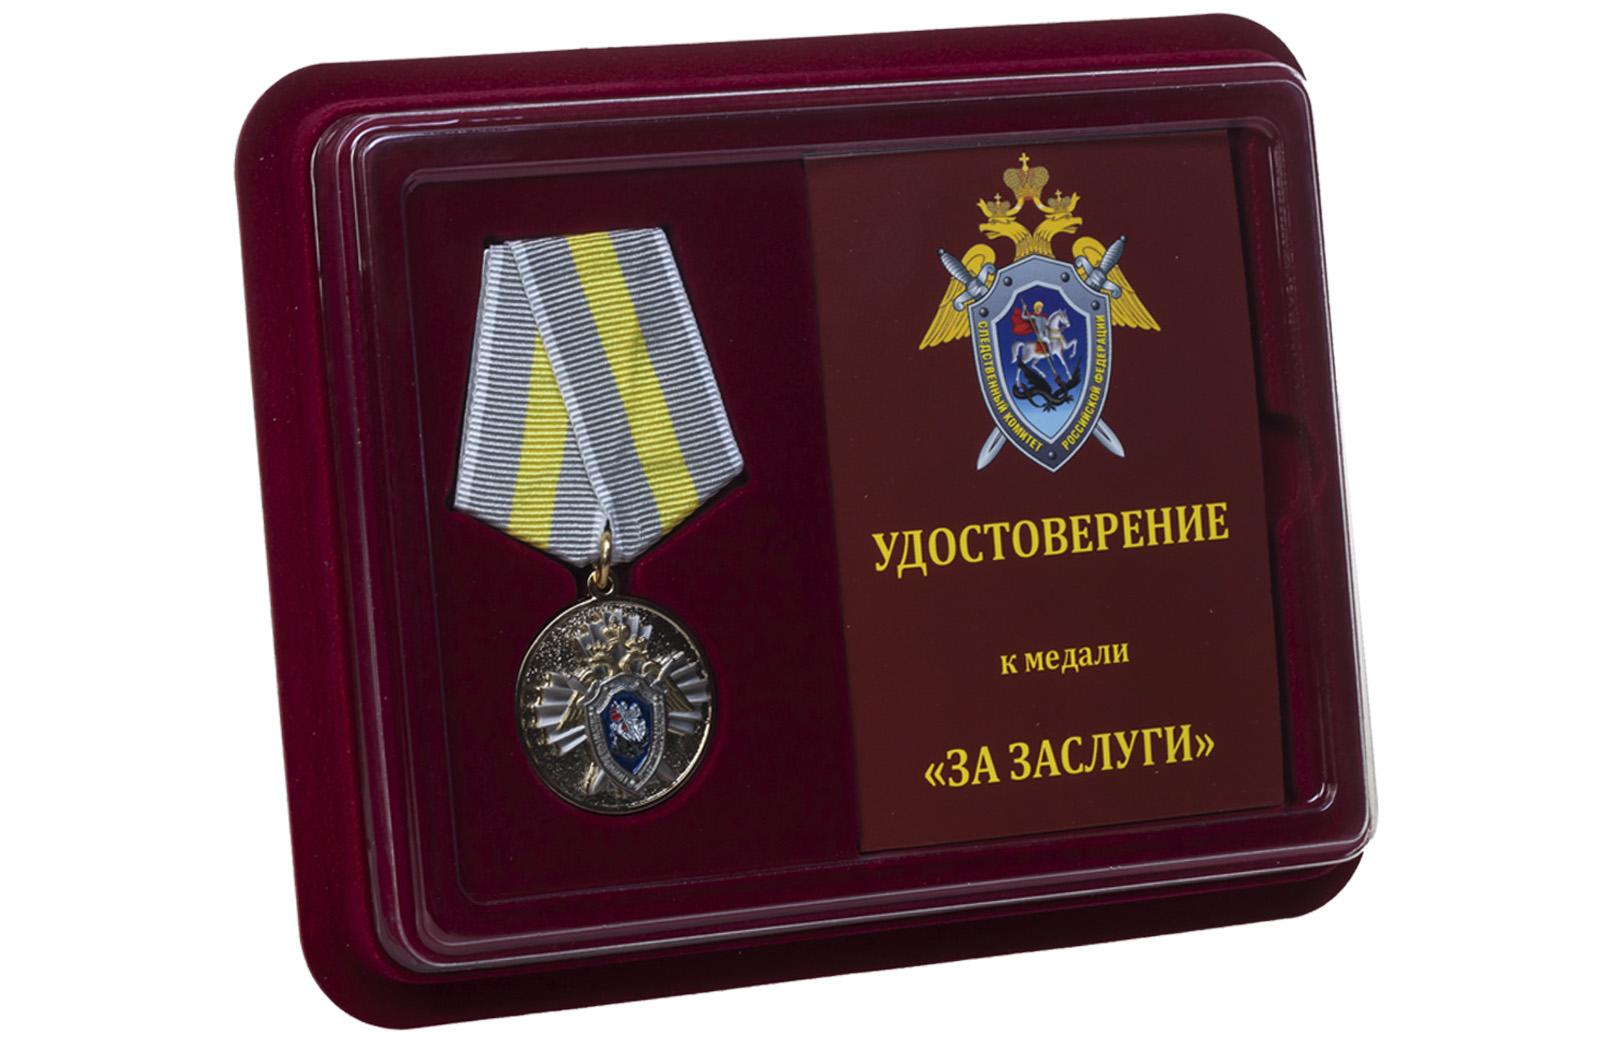 Купить ведомственную медаль За заслуги (СК России) оптом или в розницу